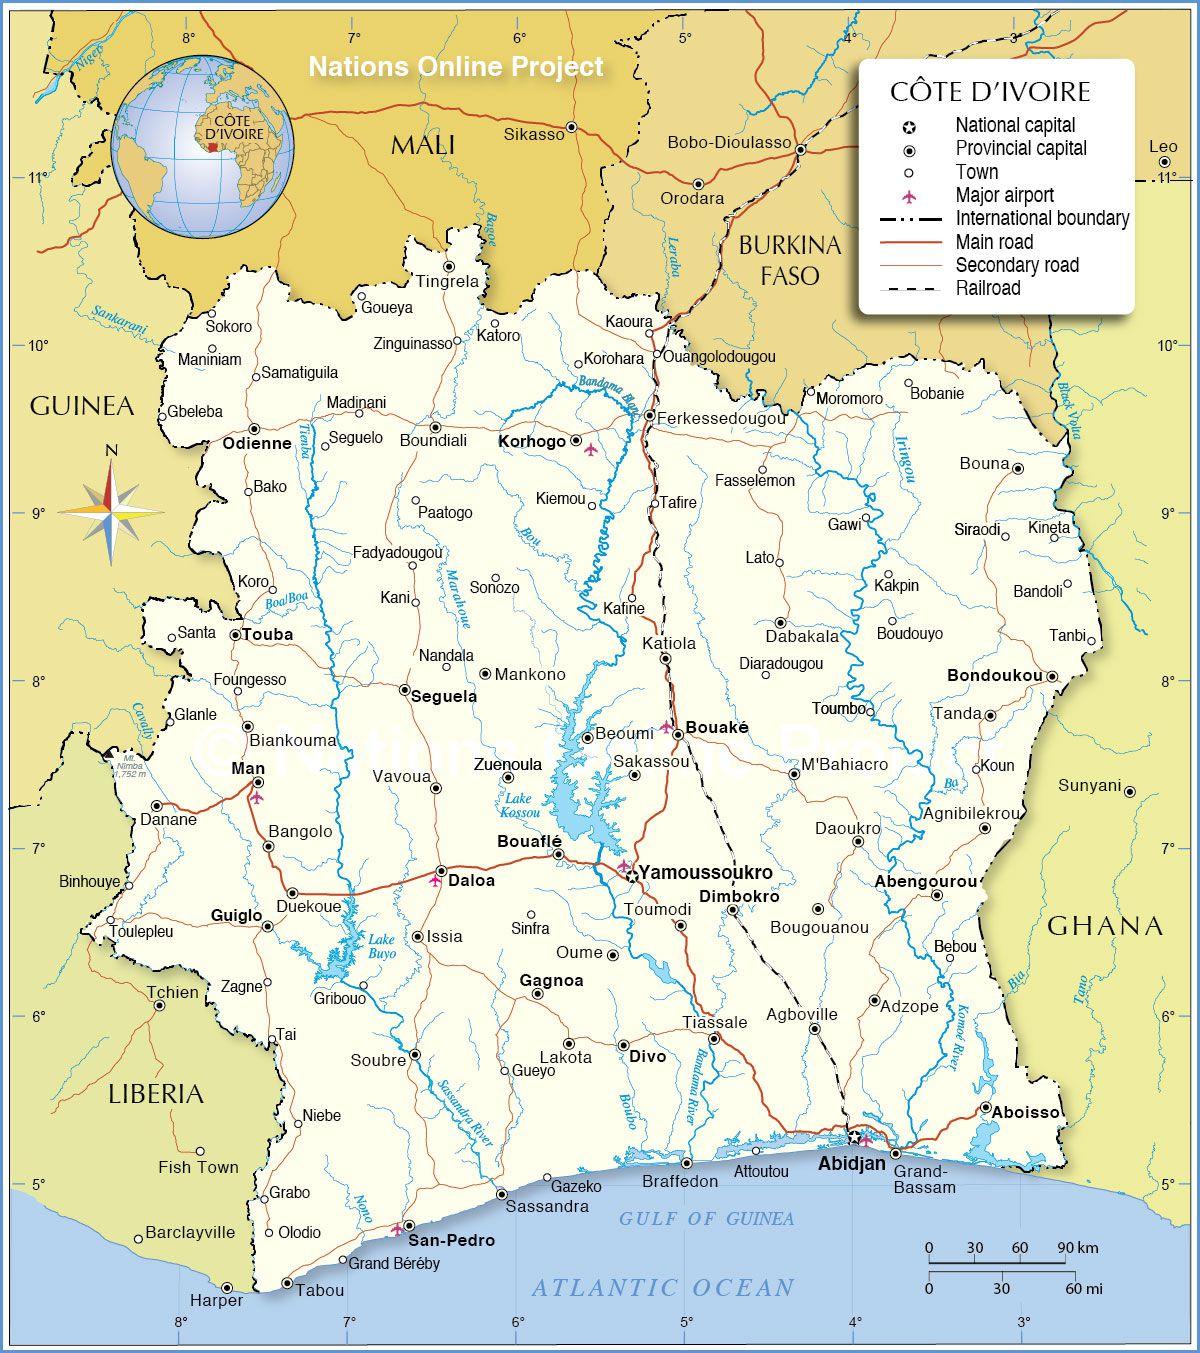 Carte De La Côte D'ivoire - Routière, Administrative, Villes tout Carte De L Europe 2017